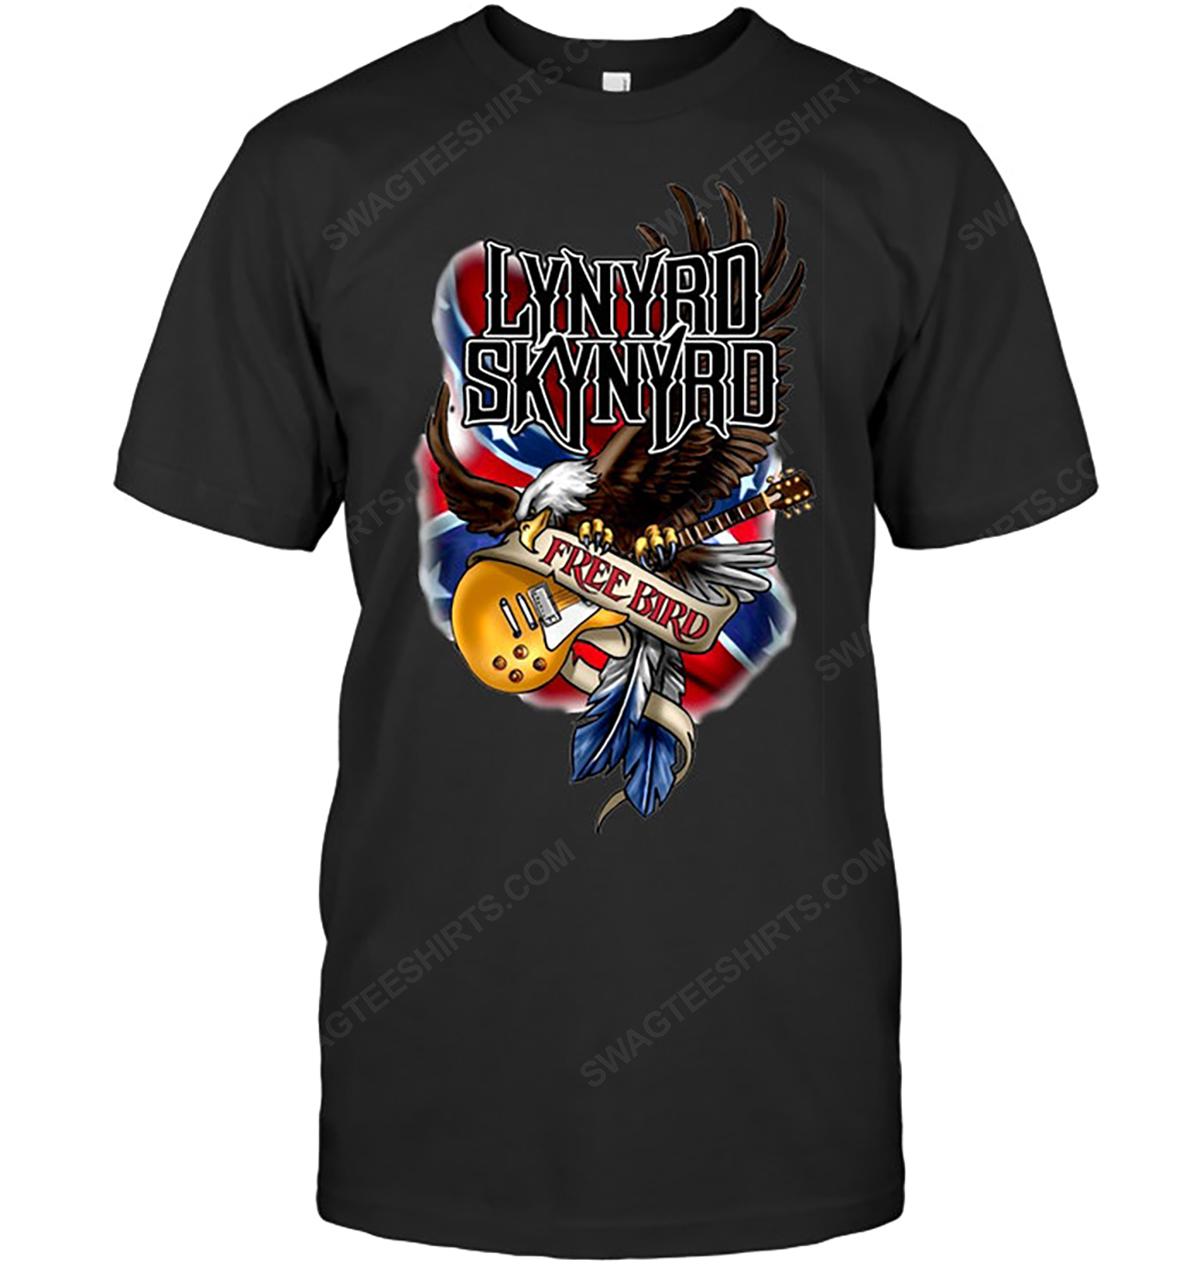 Rock band lynyrd skynyrd free bird tshirt 1